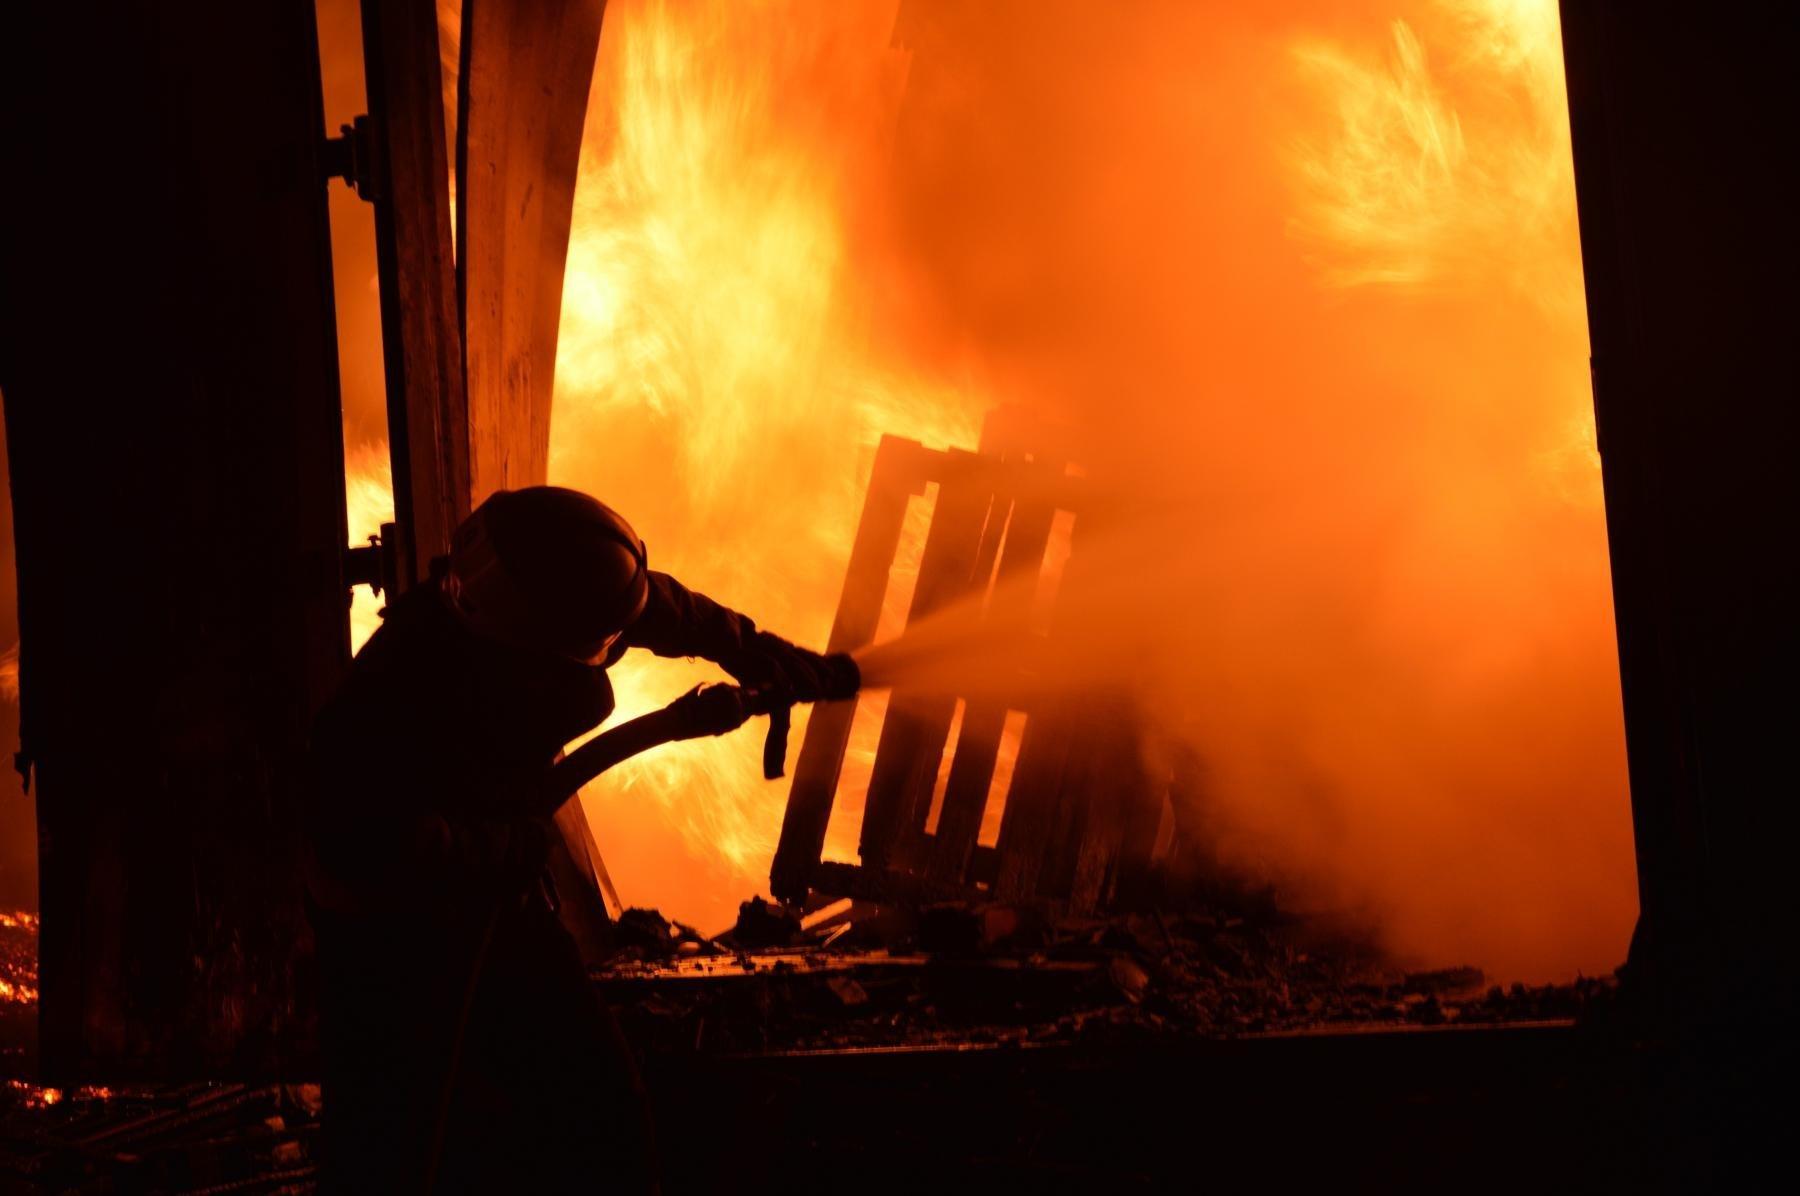 В Змиевском районе при пожаре погибла женщина